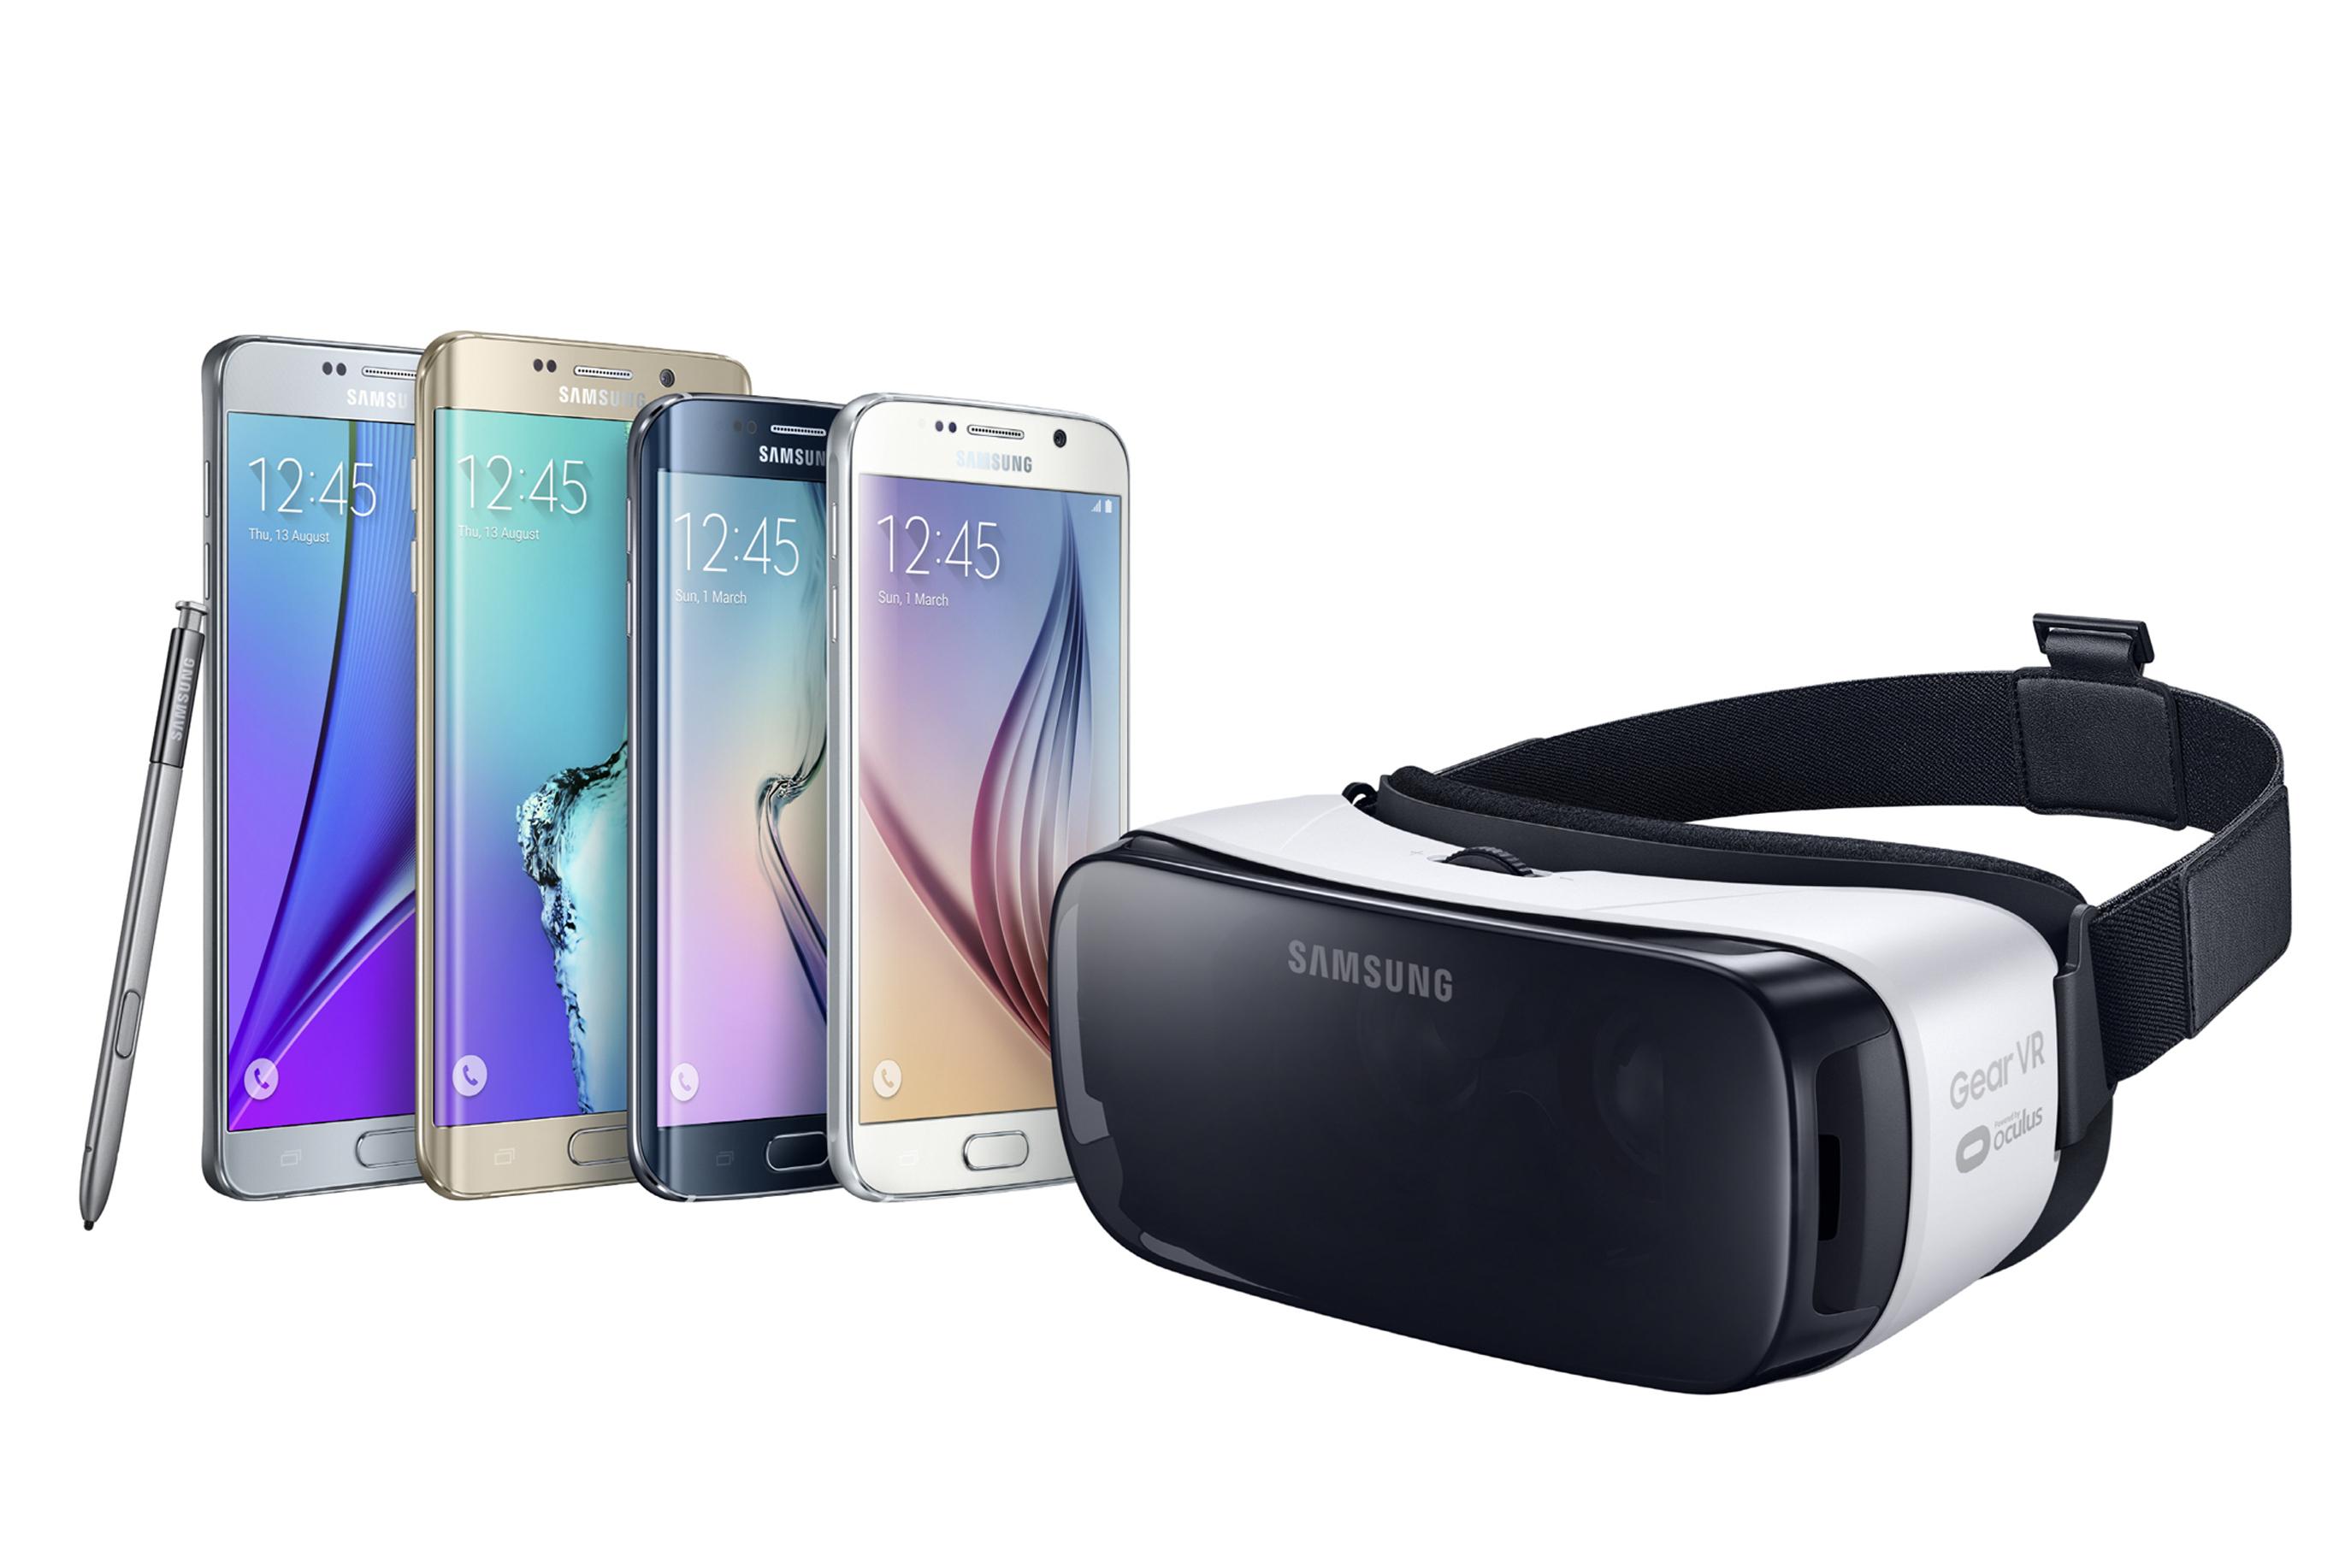 Gear VR แสดงให้เห็นความกล้าของ  Samsung ในการกระโจนเข้าสู่ตลาดใหม่